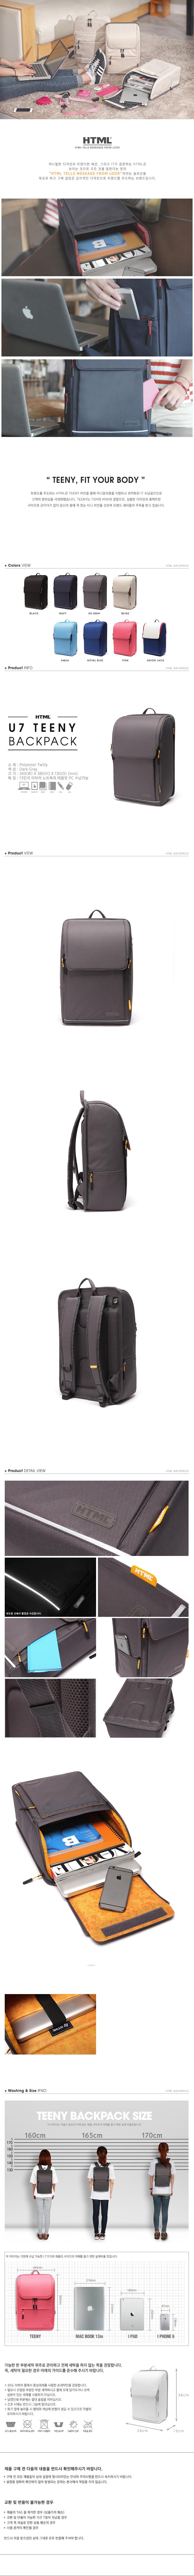 [에이치티엠엘]HTML - NEW U7 WOMAN TEENY Backpack (DK.GRAY) 티니 백팩